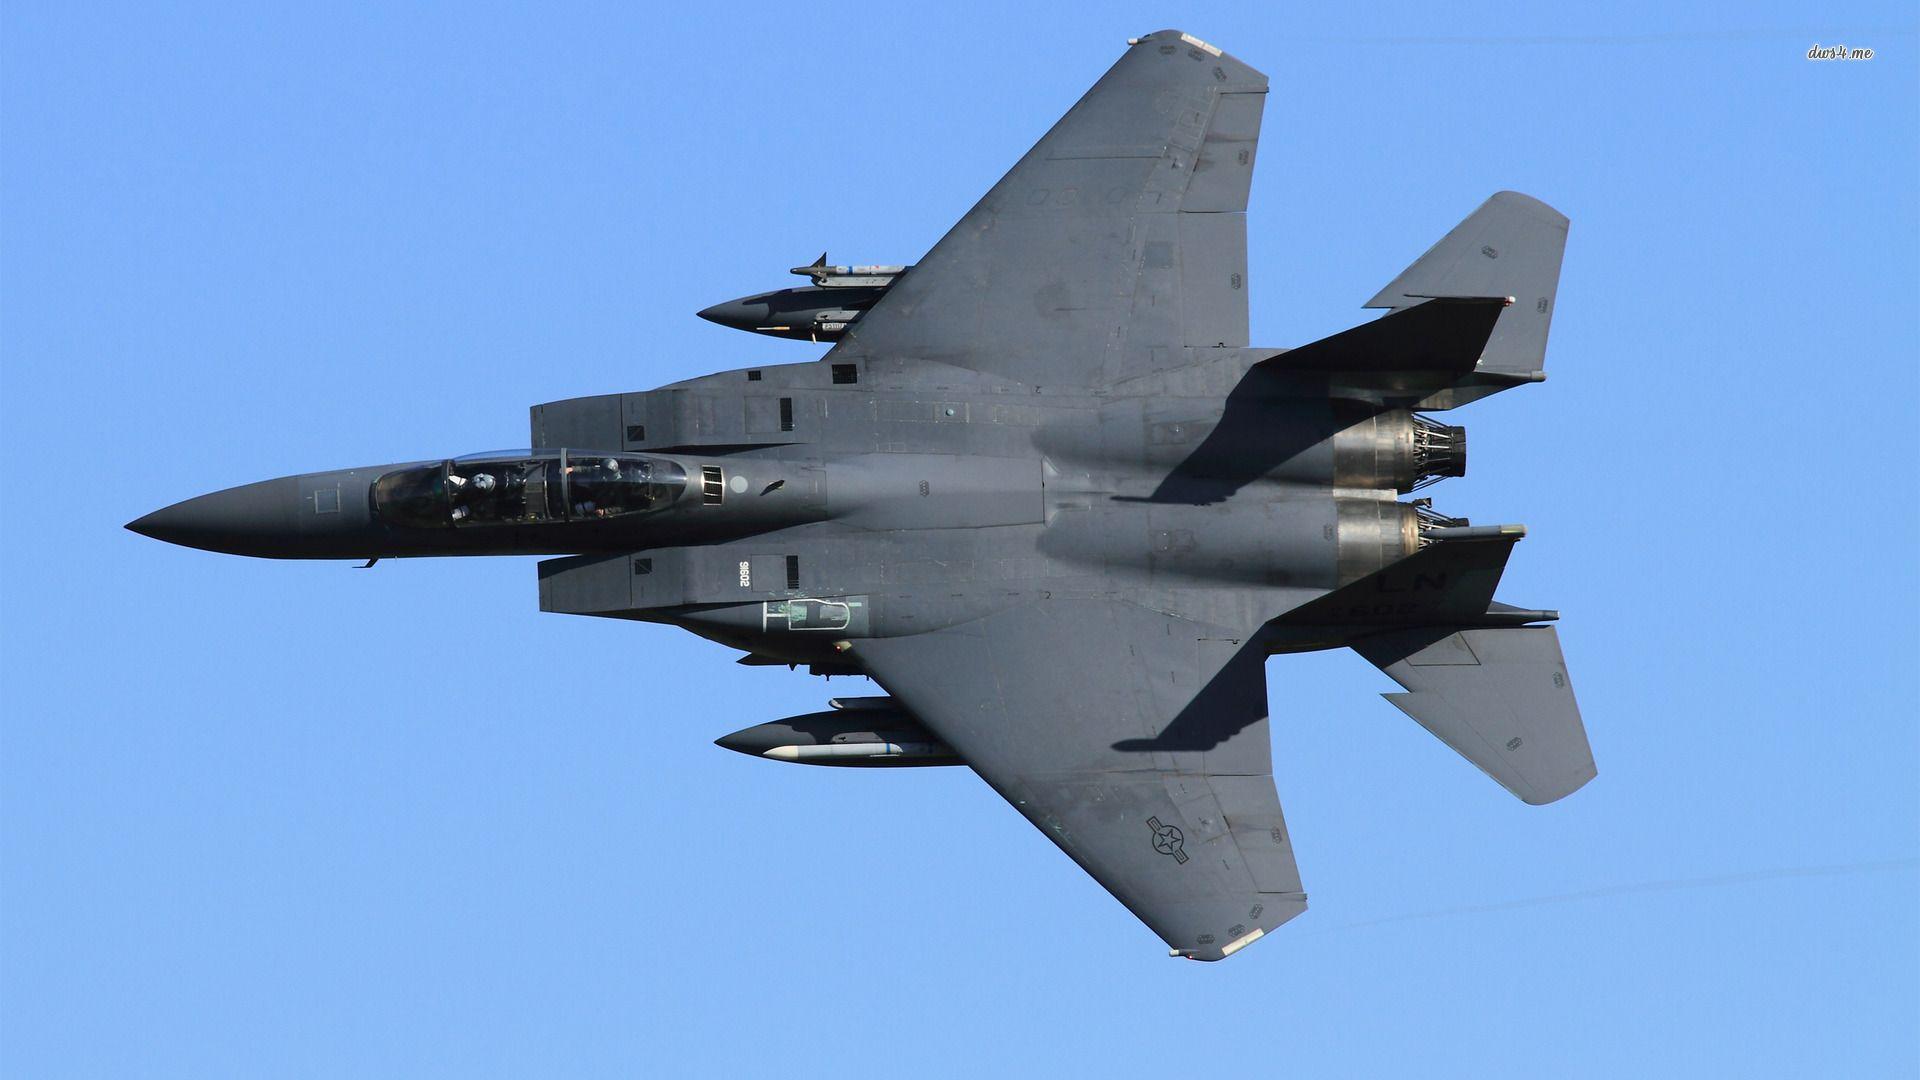 mcdonnell douglas f-15 eagle hd images 8 | mcdonnell douglas f-15